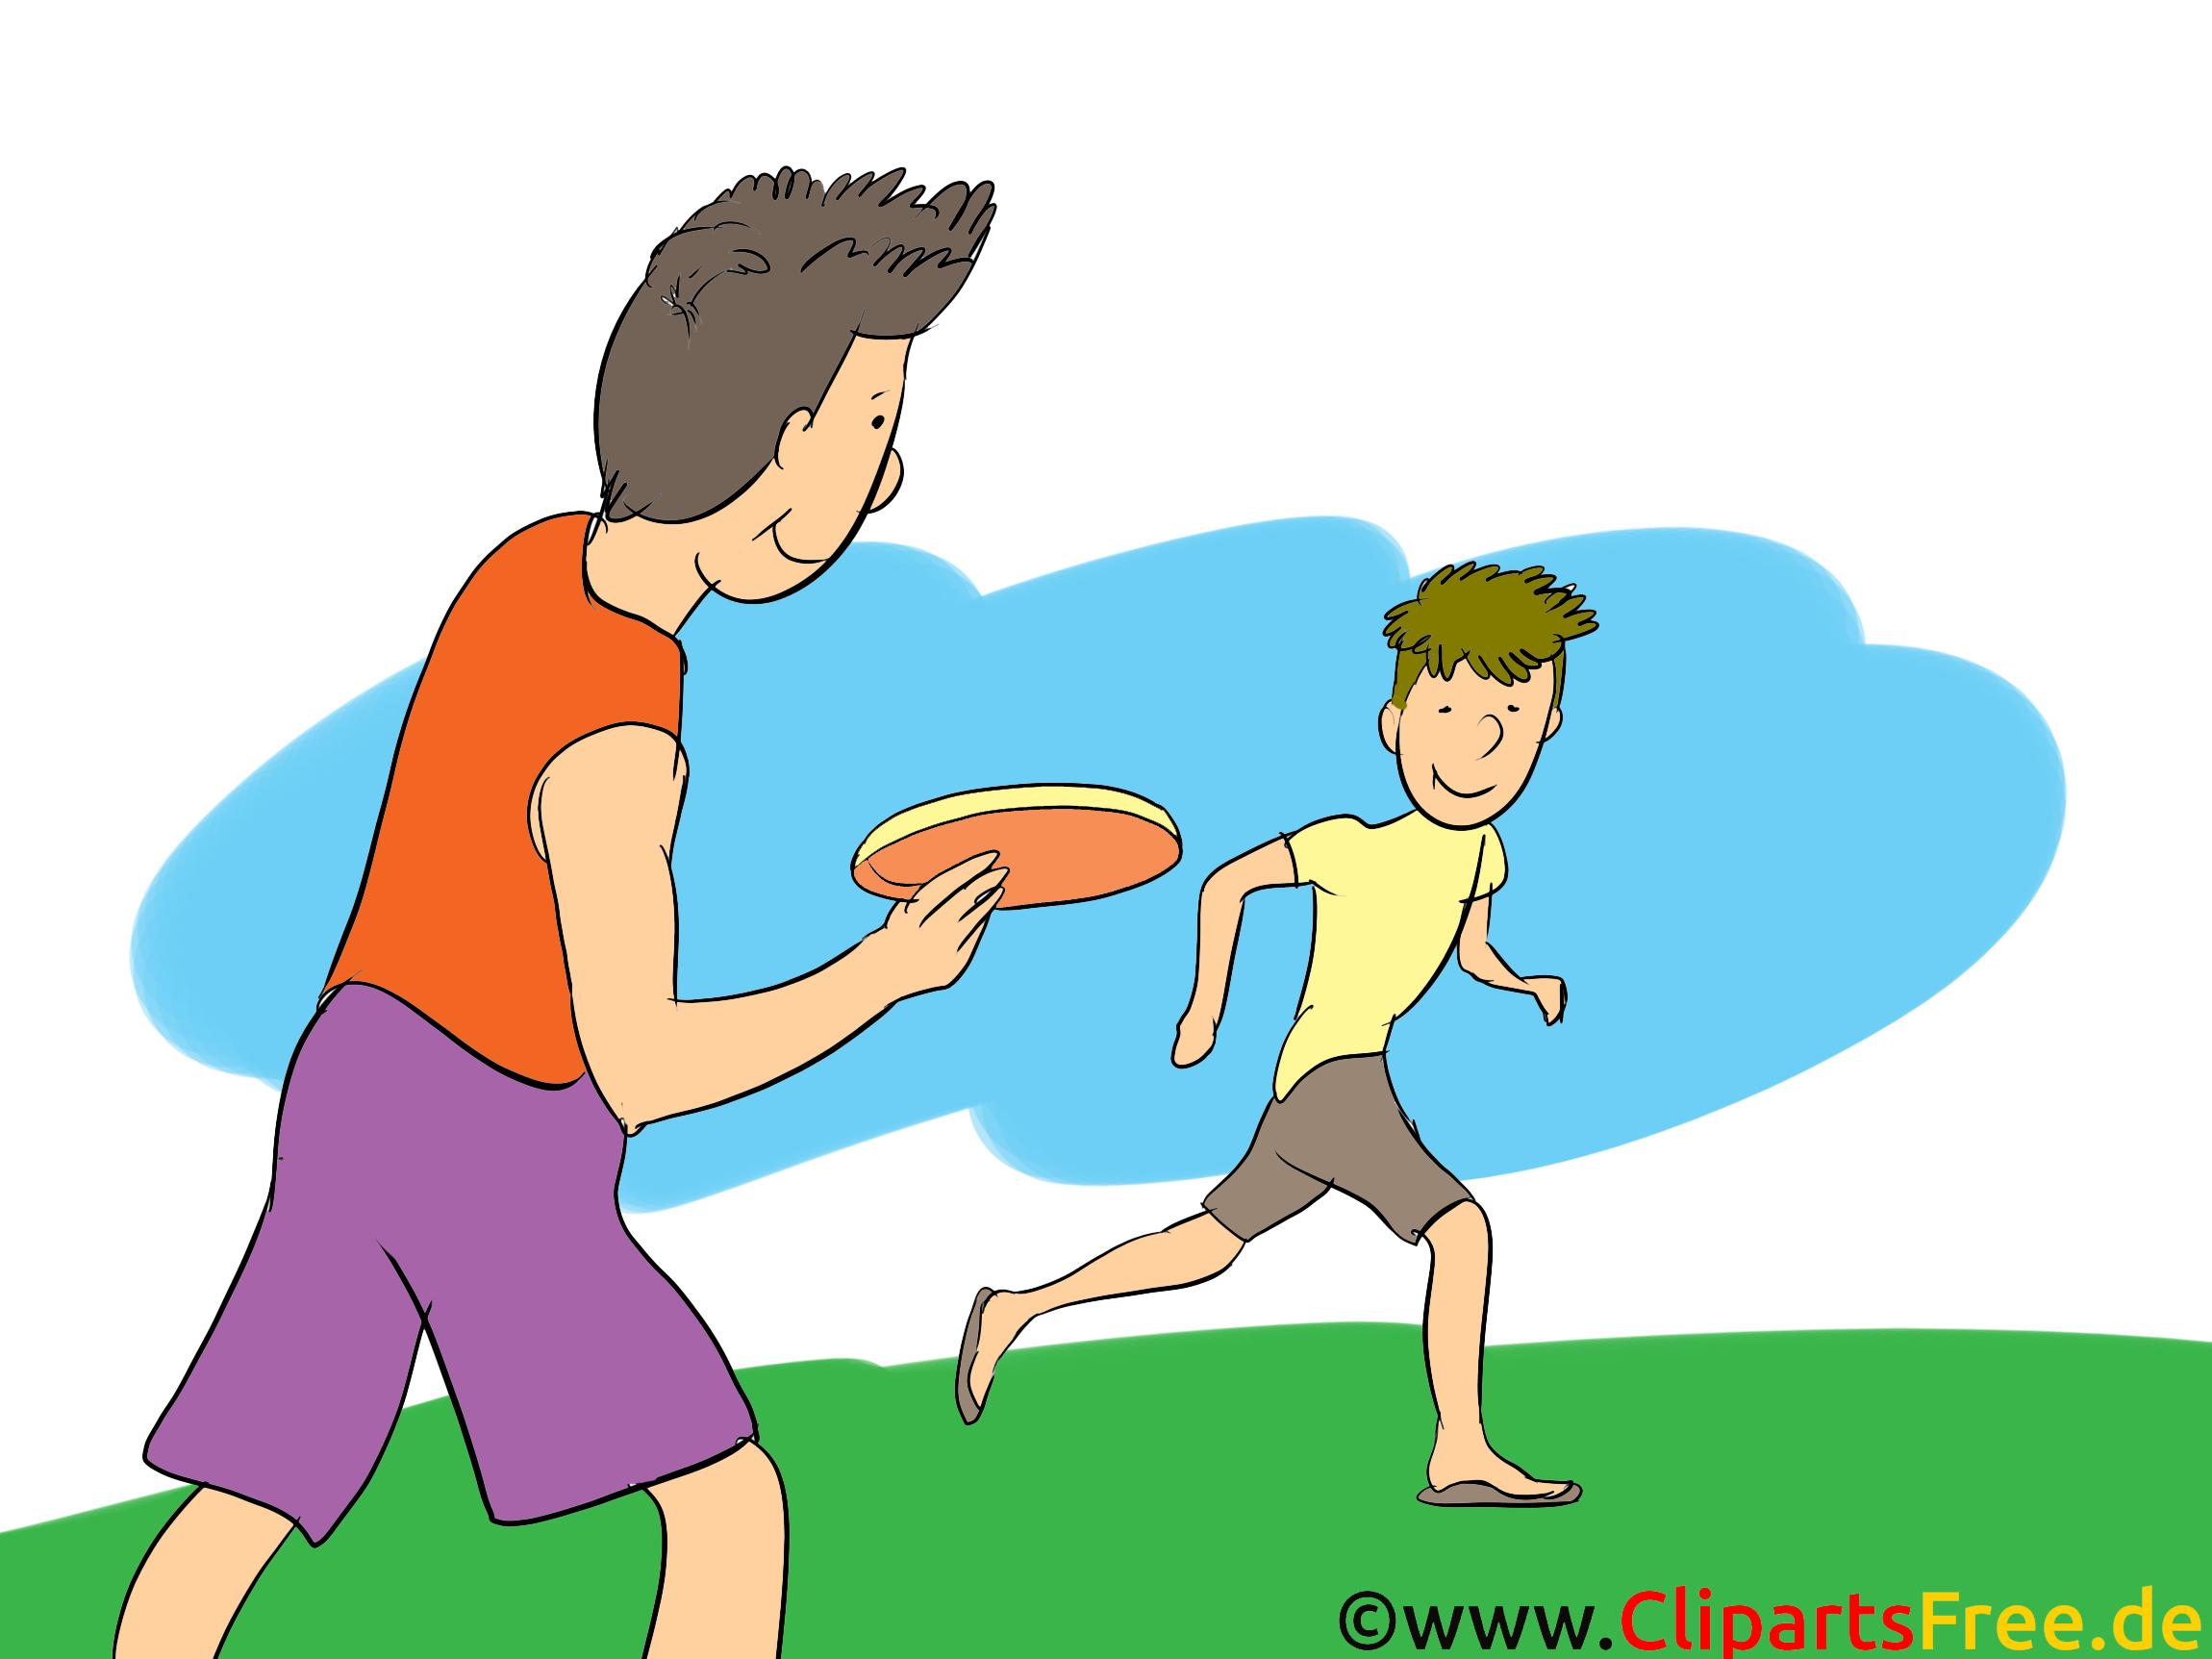 Frisbee image à télécharger